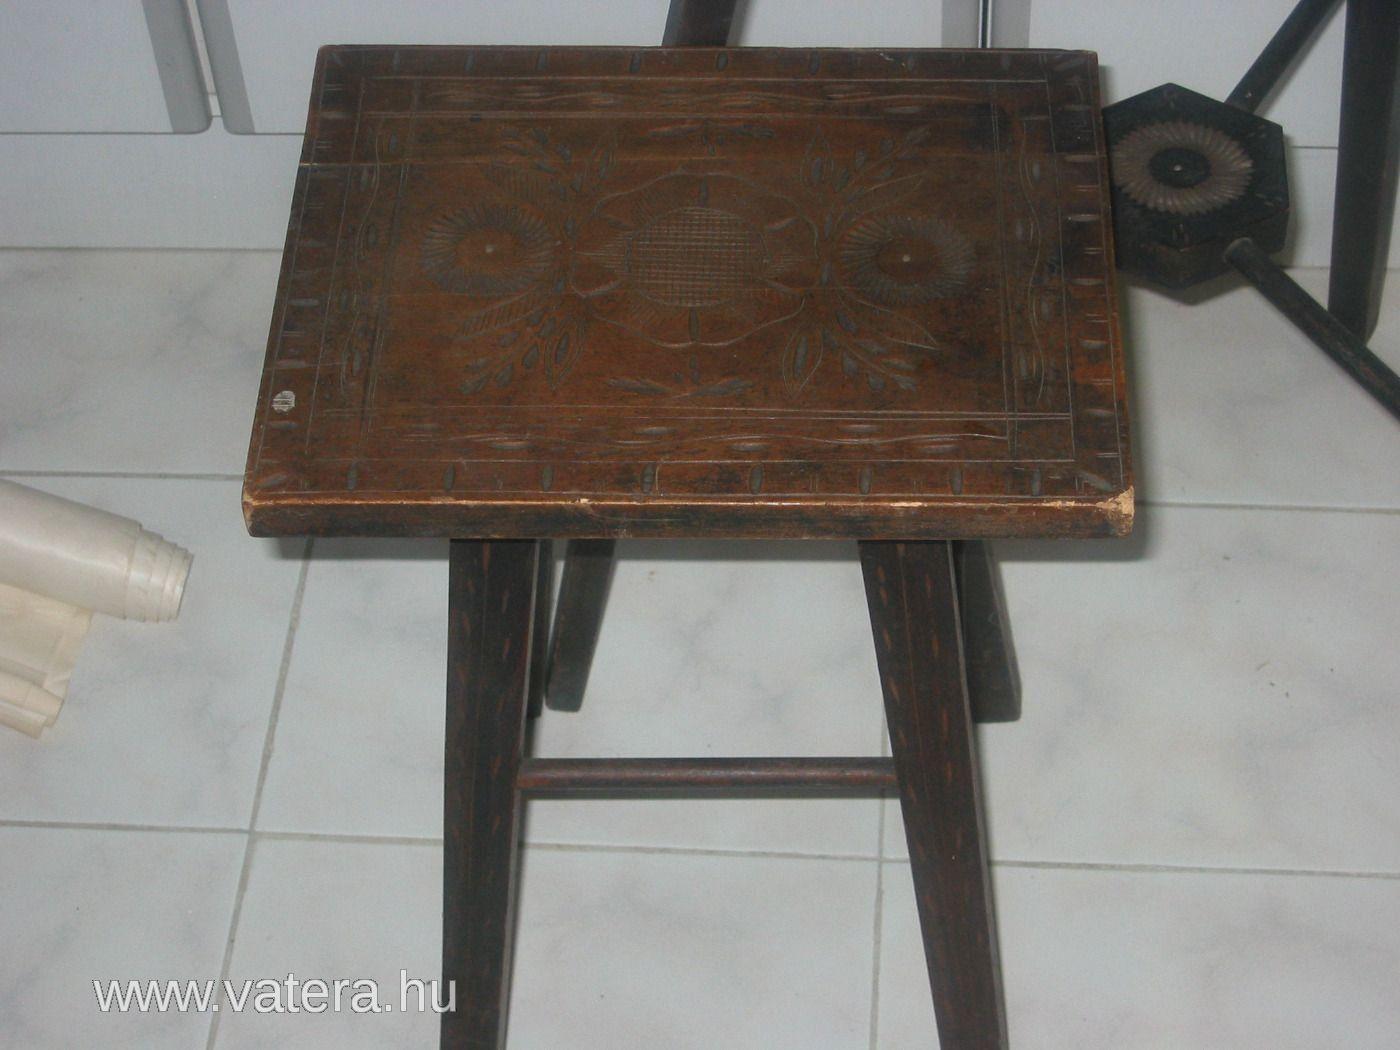 Régi Kalotaszegi karcolt antik Erdélyi asztal+ szék 2DB